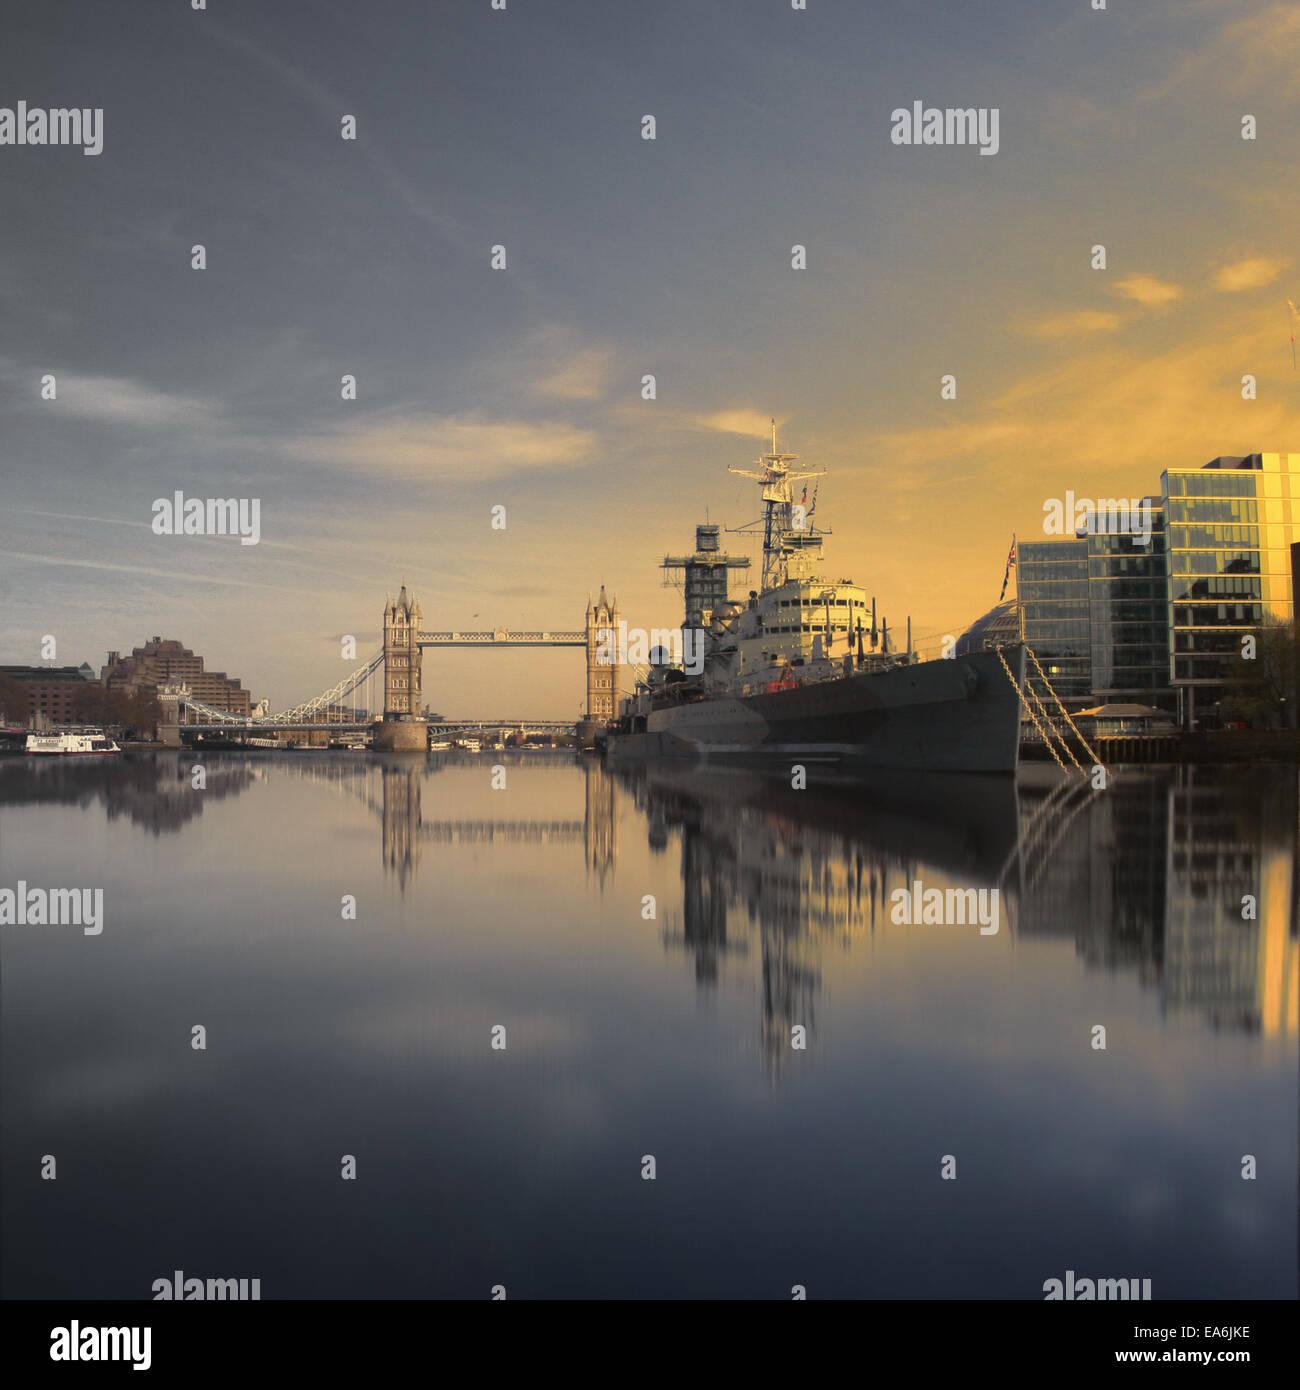 UK, Londres, Tower Bridge et HMS Belfast vu à partir de la ligne d'eau Photo Stock